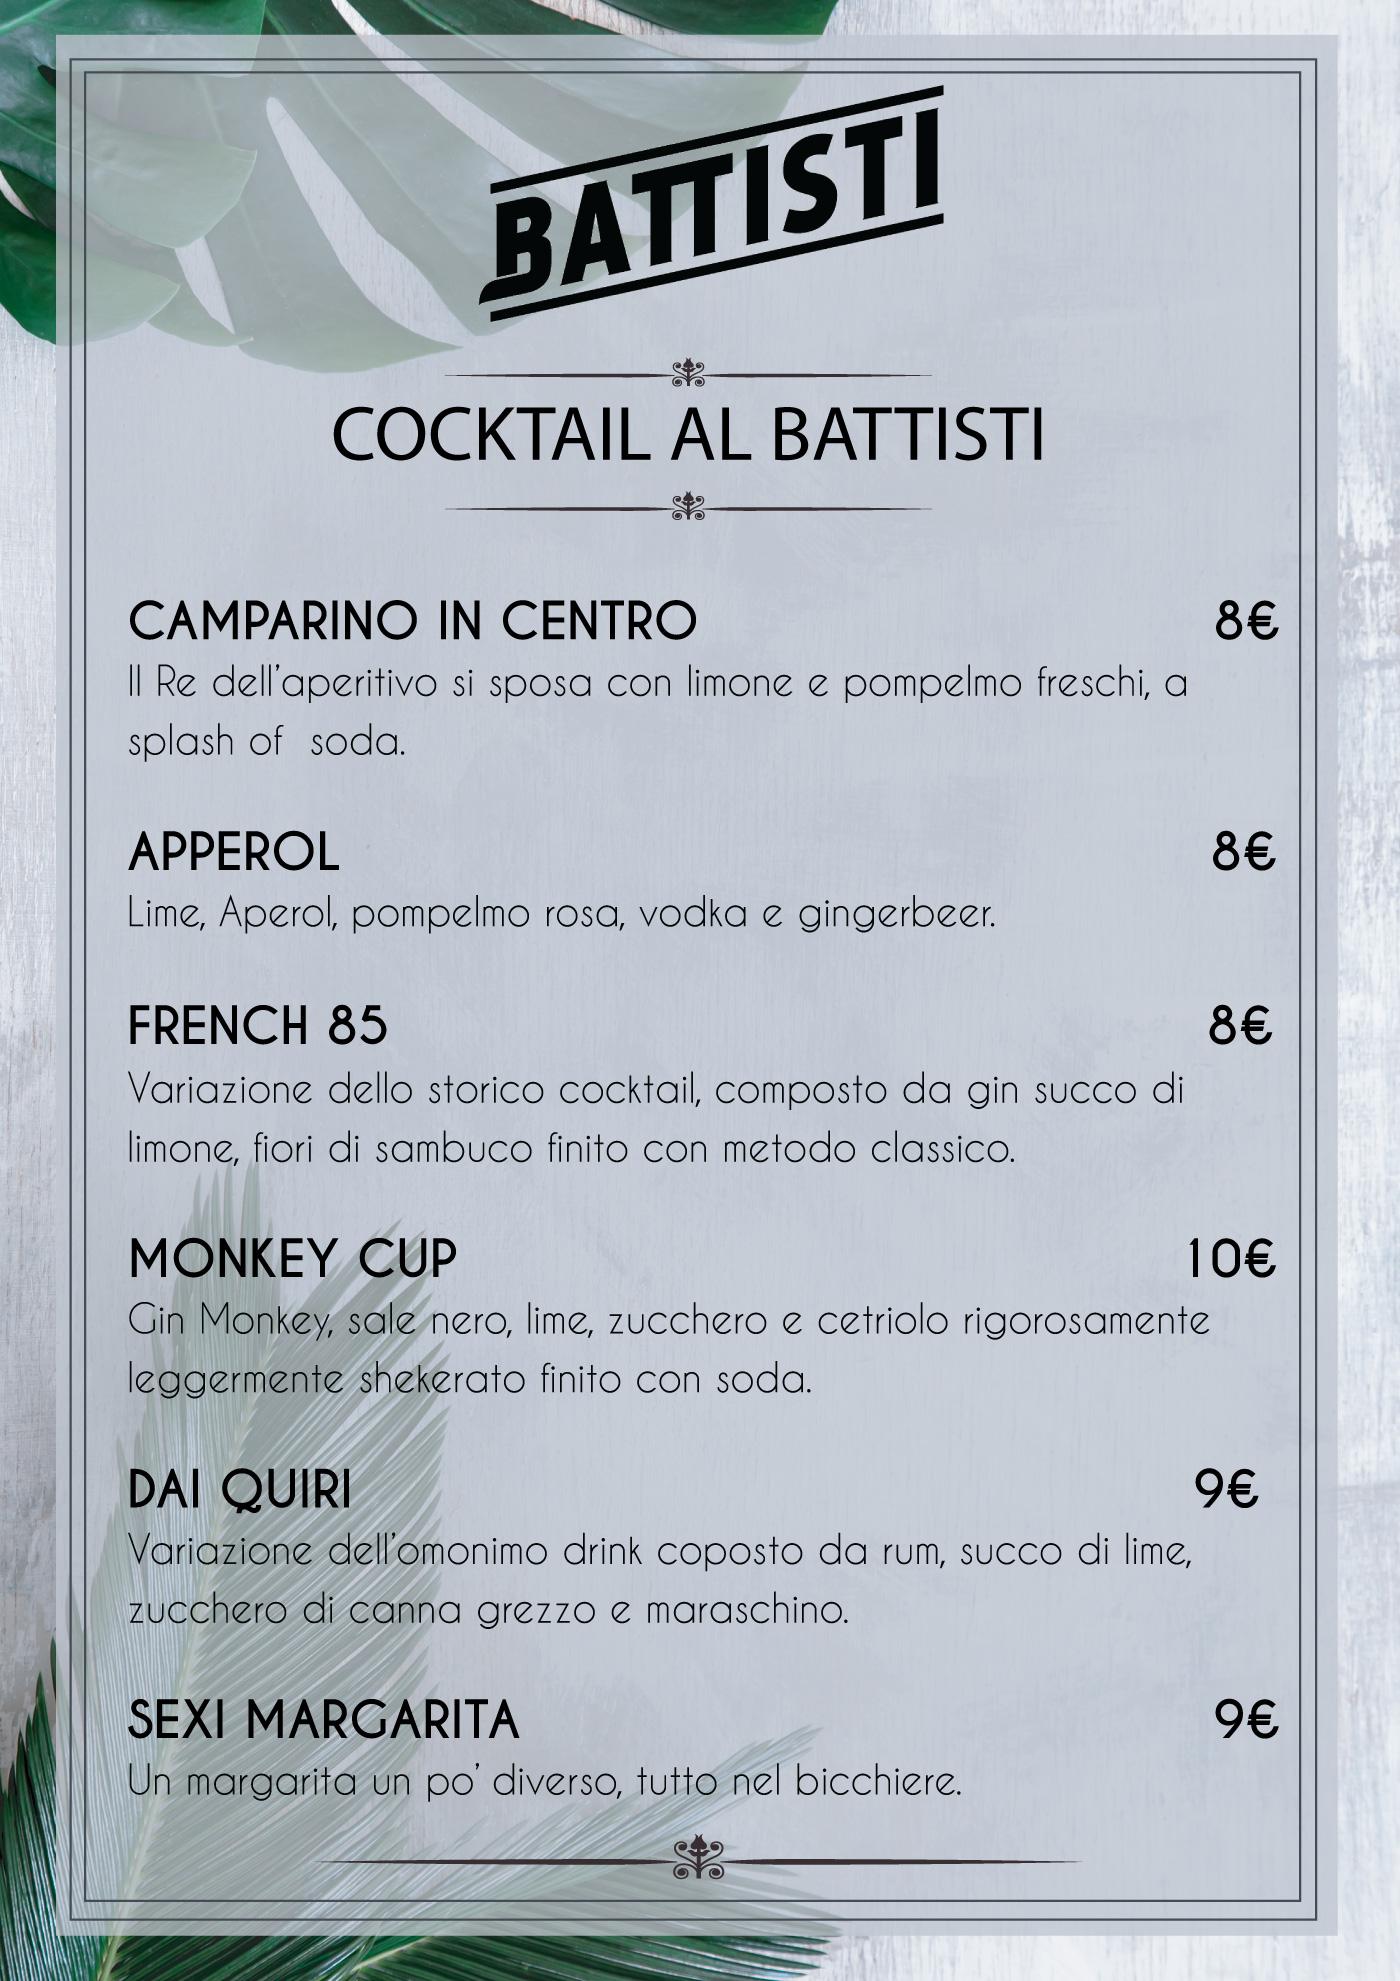 menu battisti cocktail